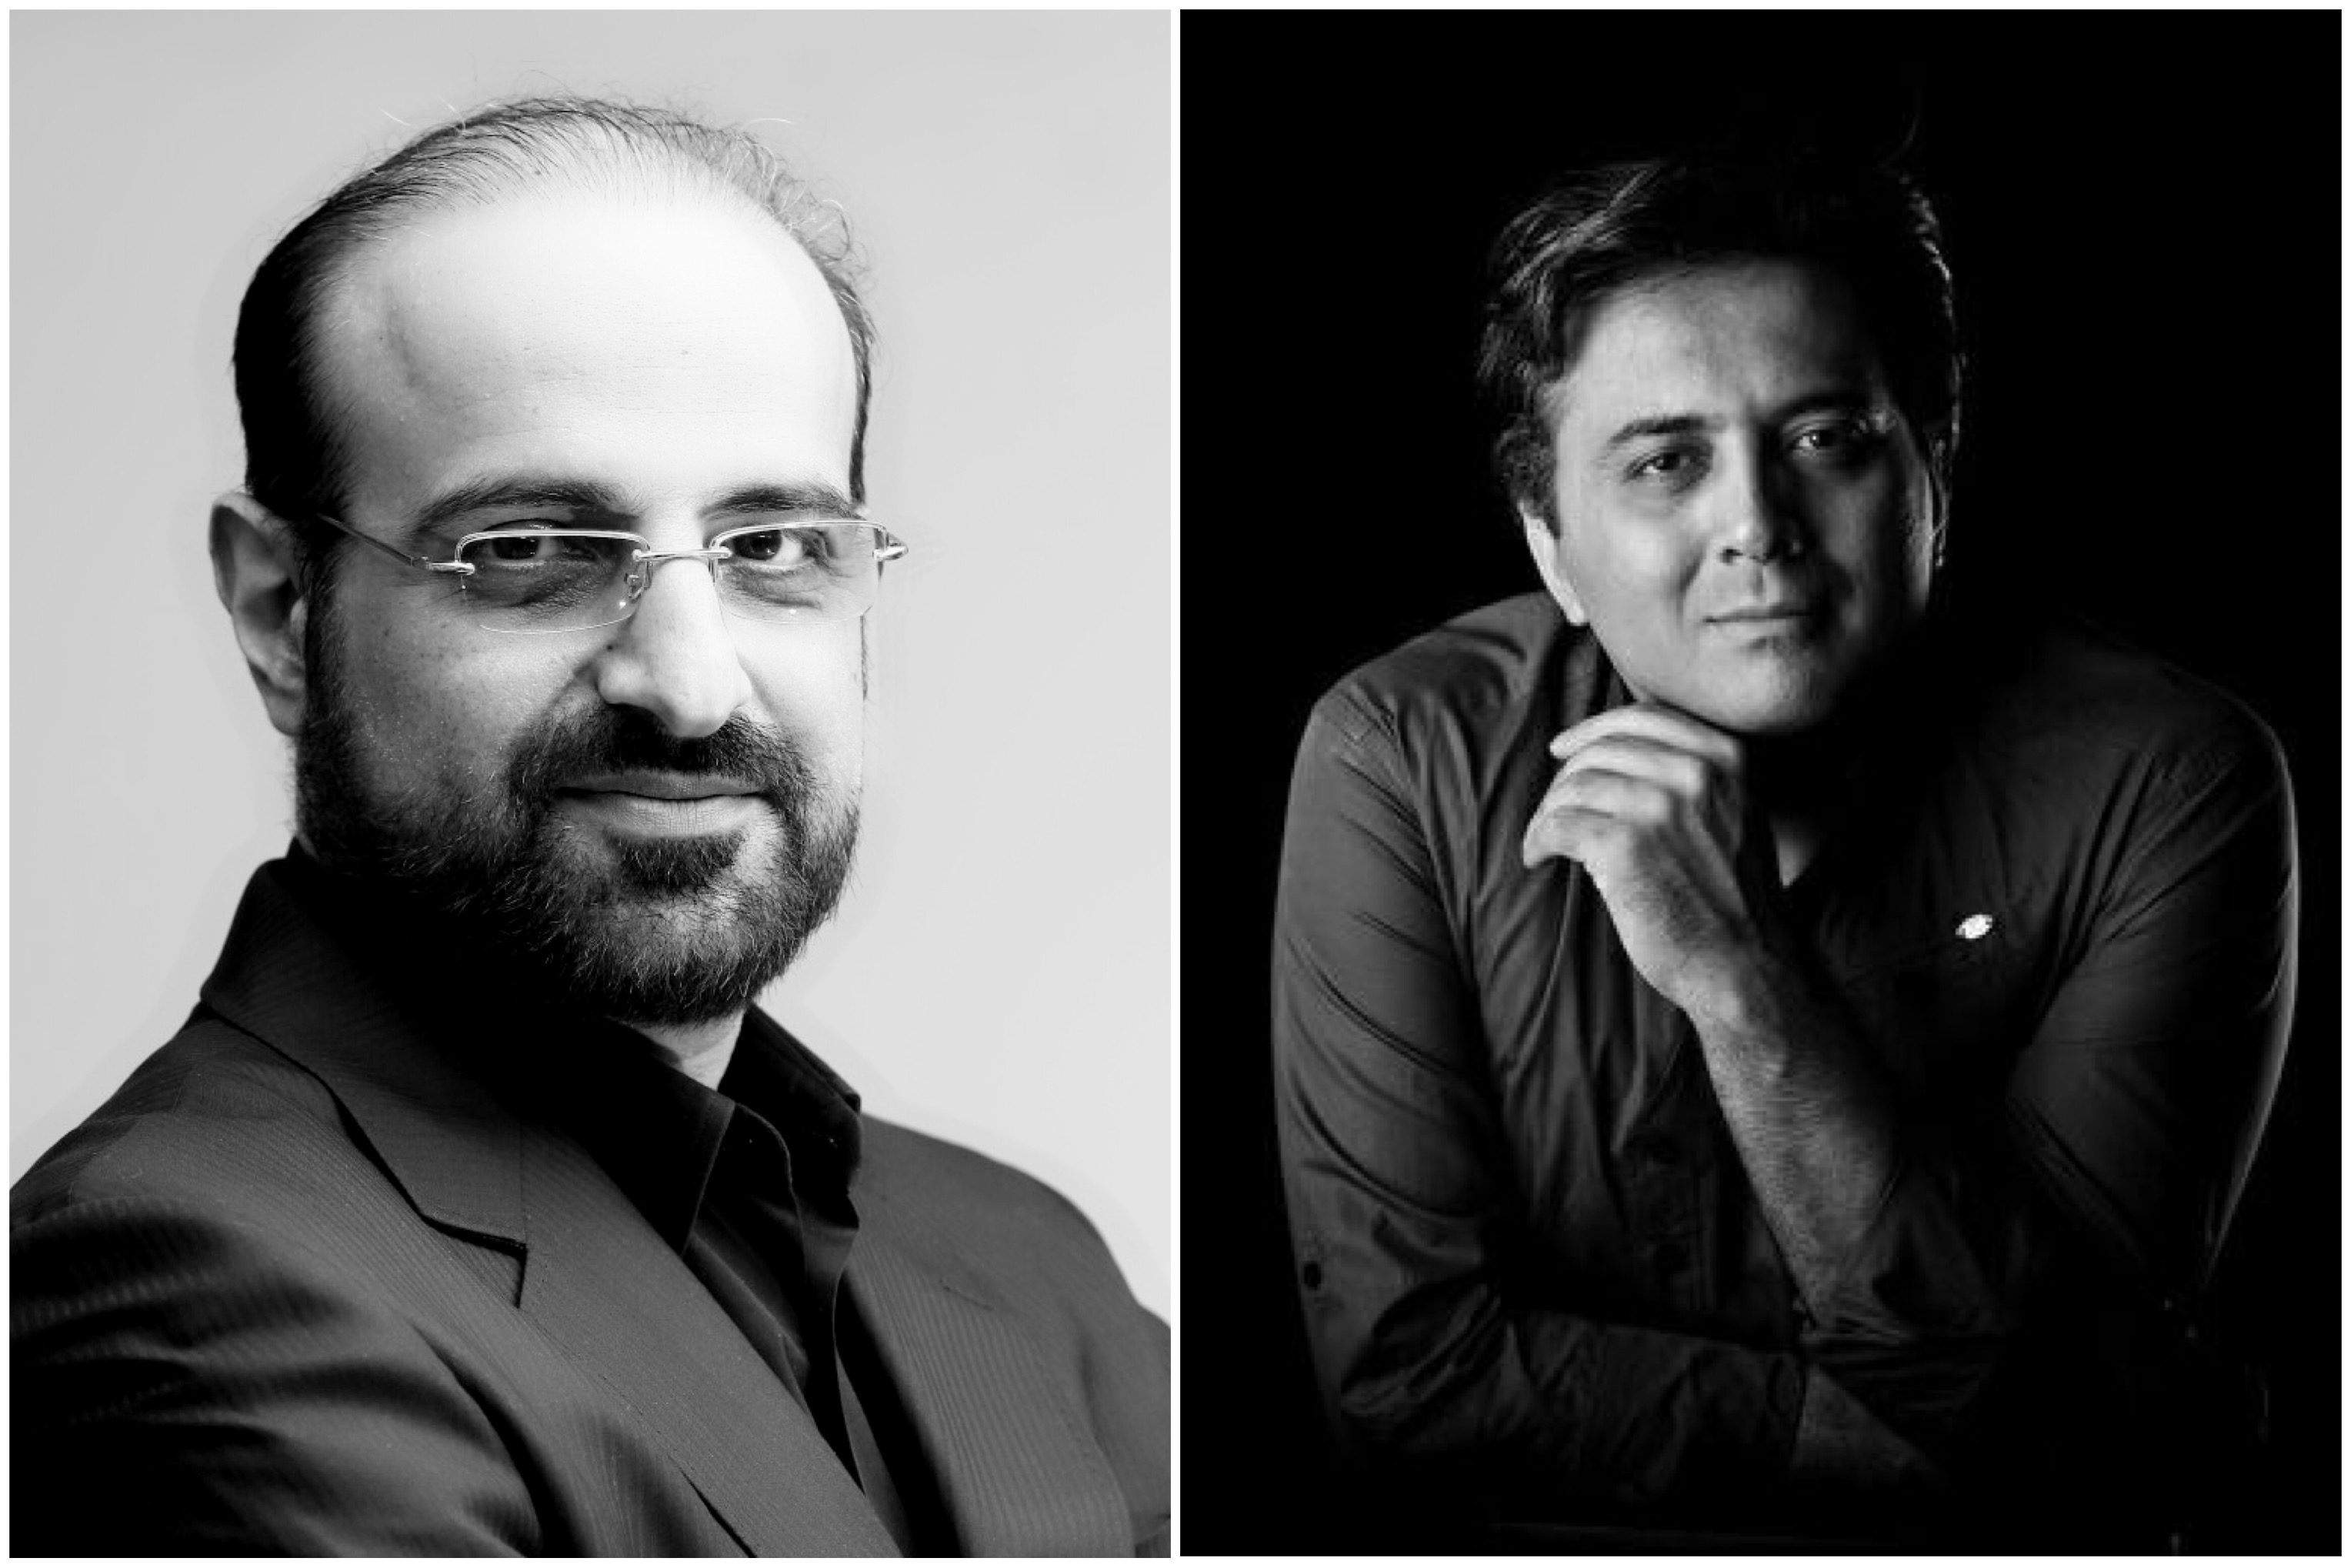 صحبتهای محمد اصفهانی درباره علاقه همکاری با مجید اخشابی